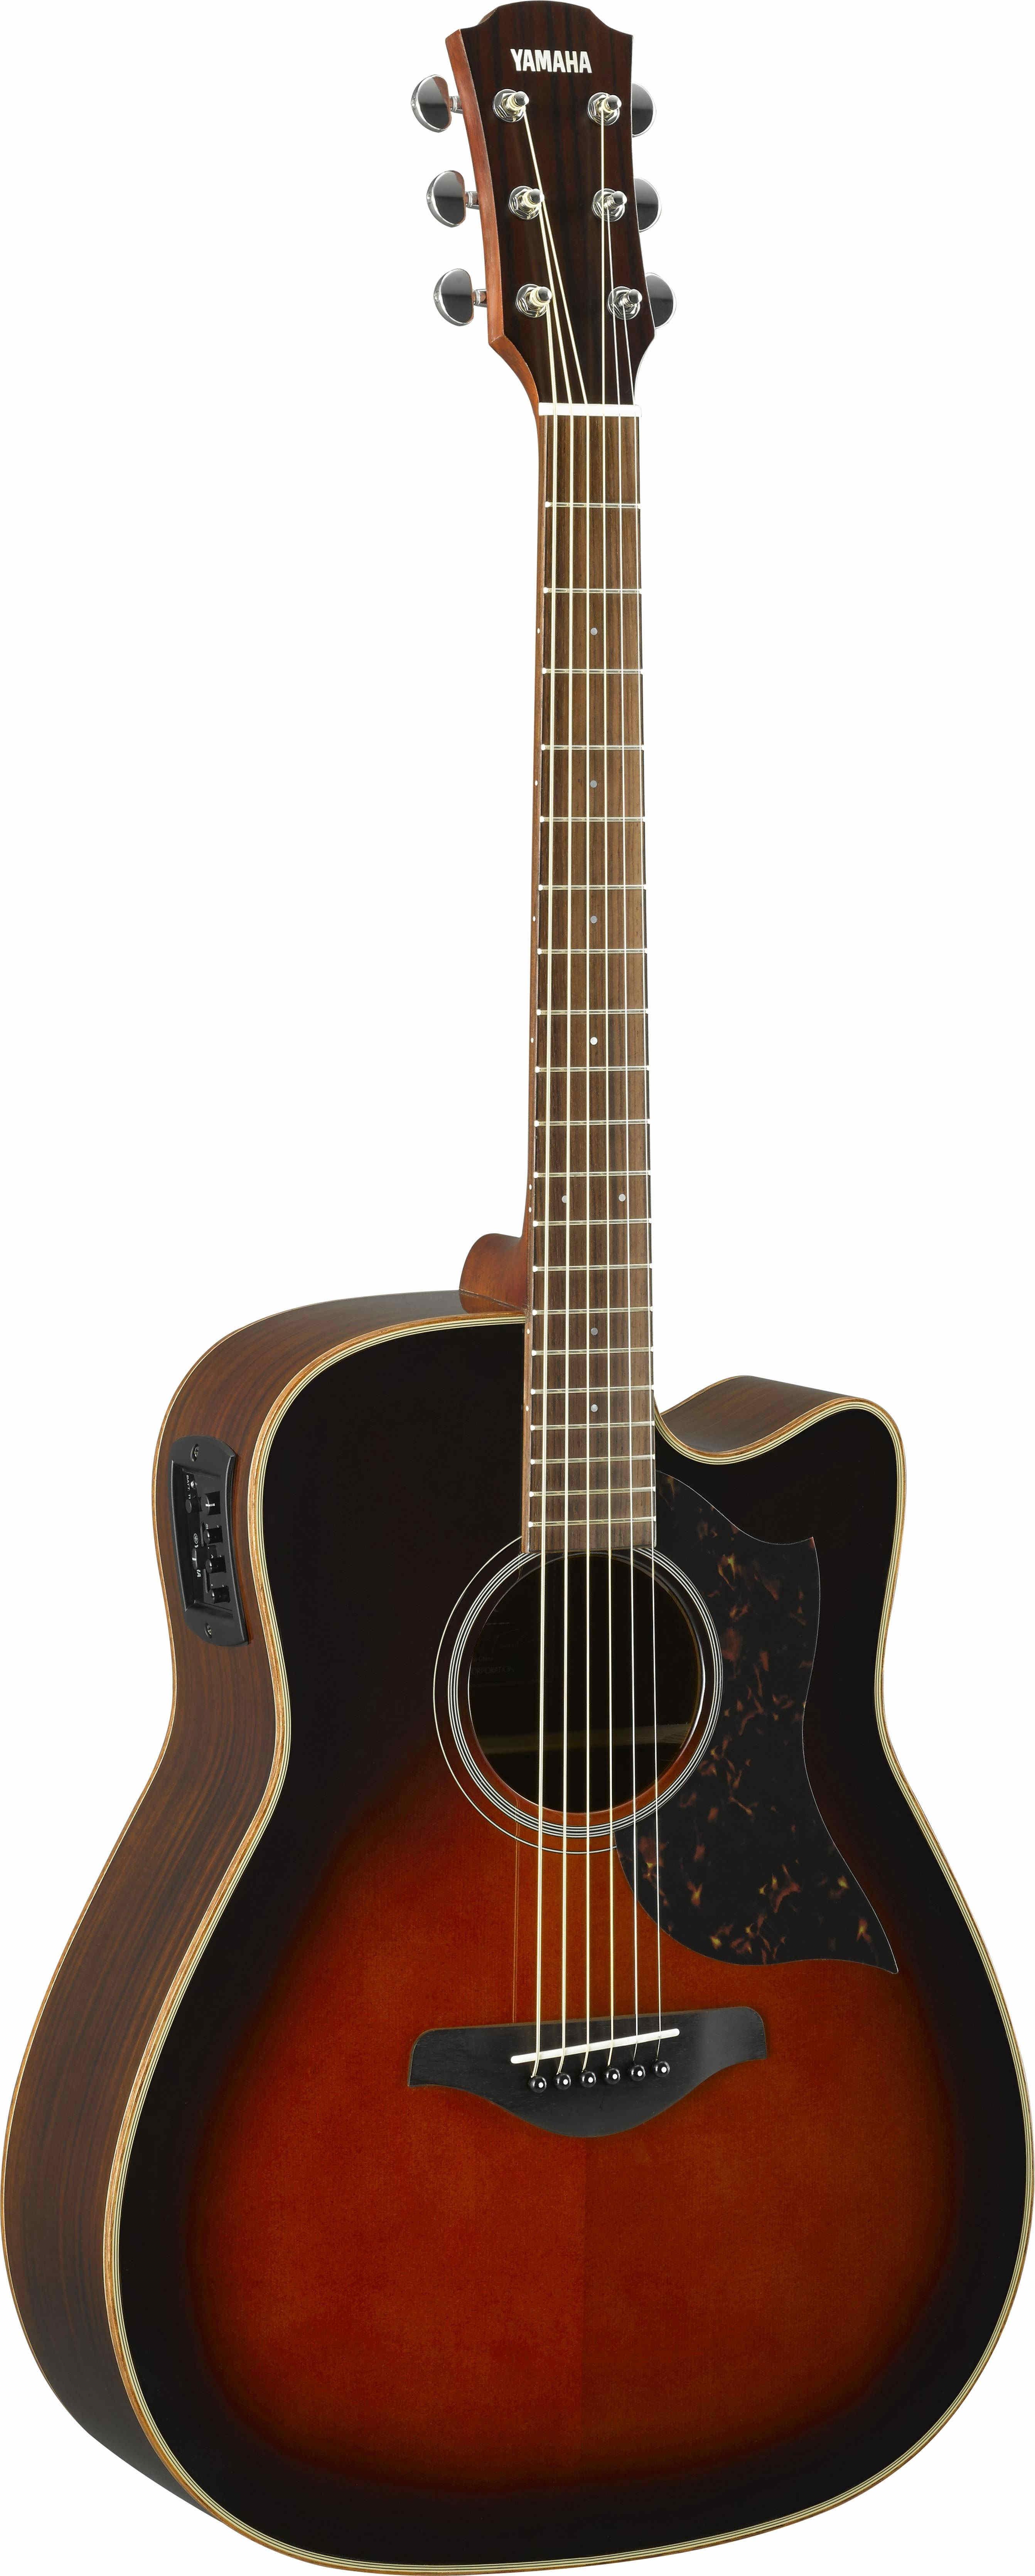 Tobacco Brown Sunburst Cutaway Folk Guitar